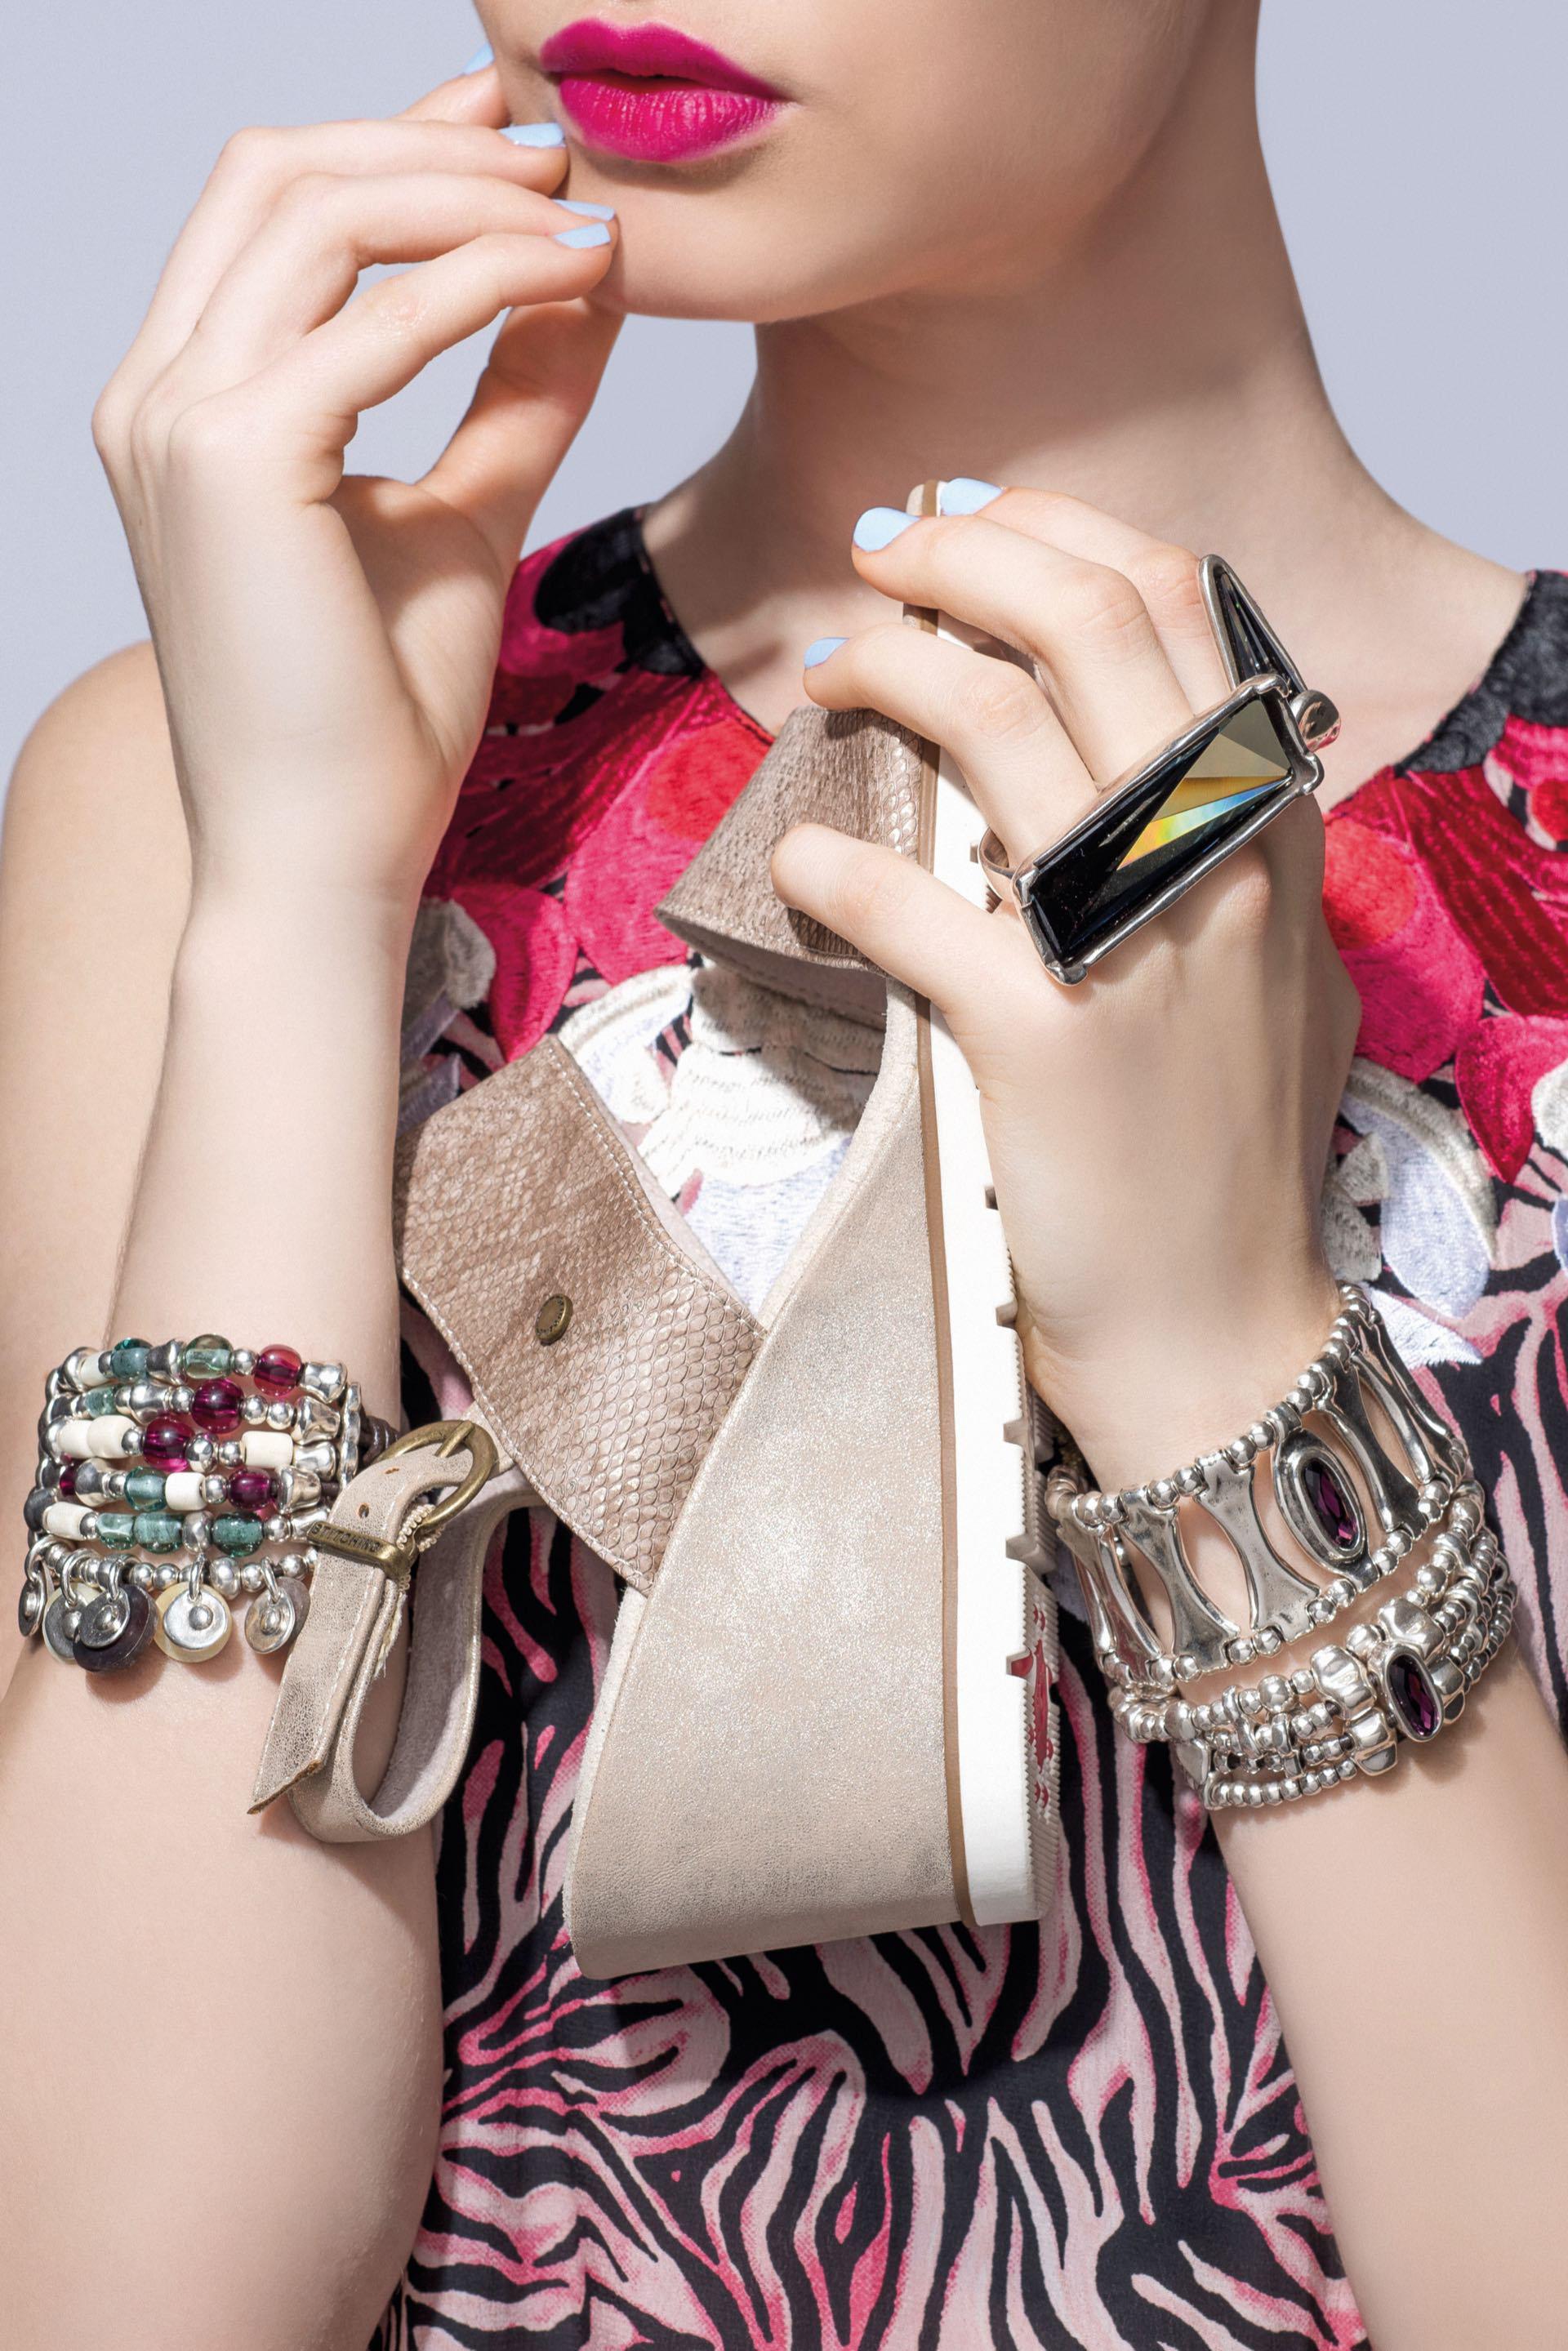 Sandalias con plataforma ($ 1.900, Stitching), anilloscon piedras y pulseras de platacon piedras (UNOde50) y vestido estampado con escote bordado ($ 3.200, Kosiuko).Foto Maia Croizet/ Para Ti